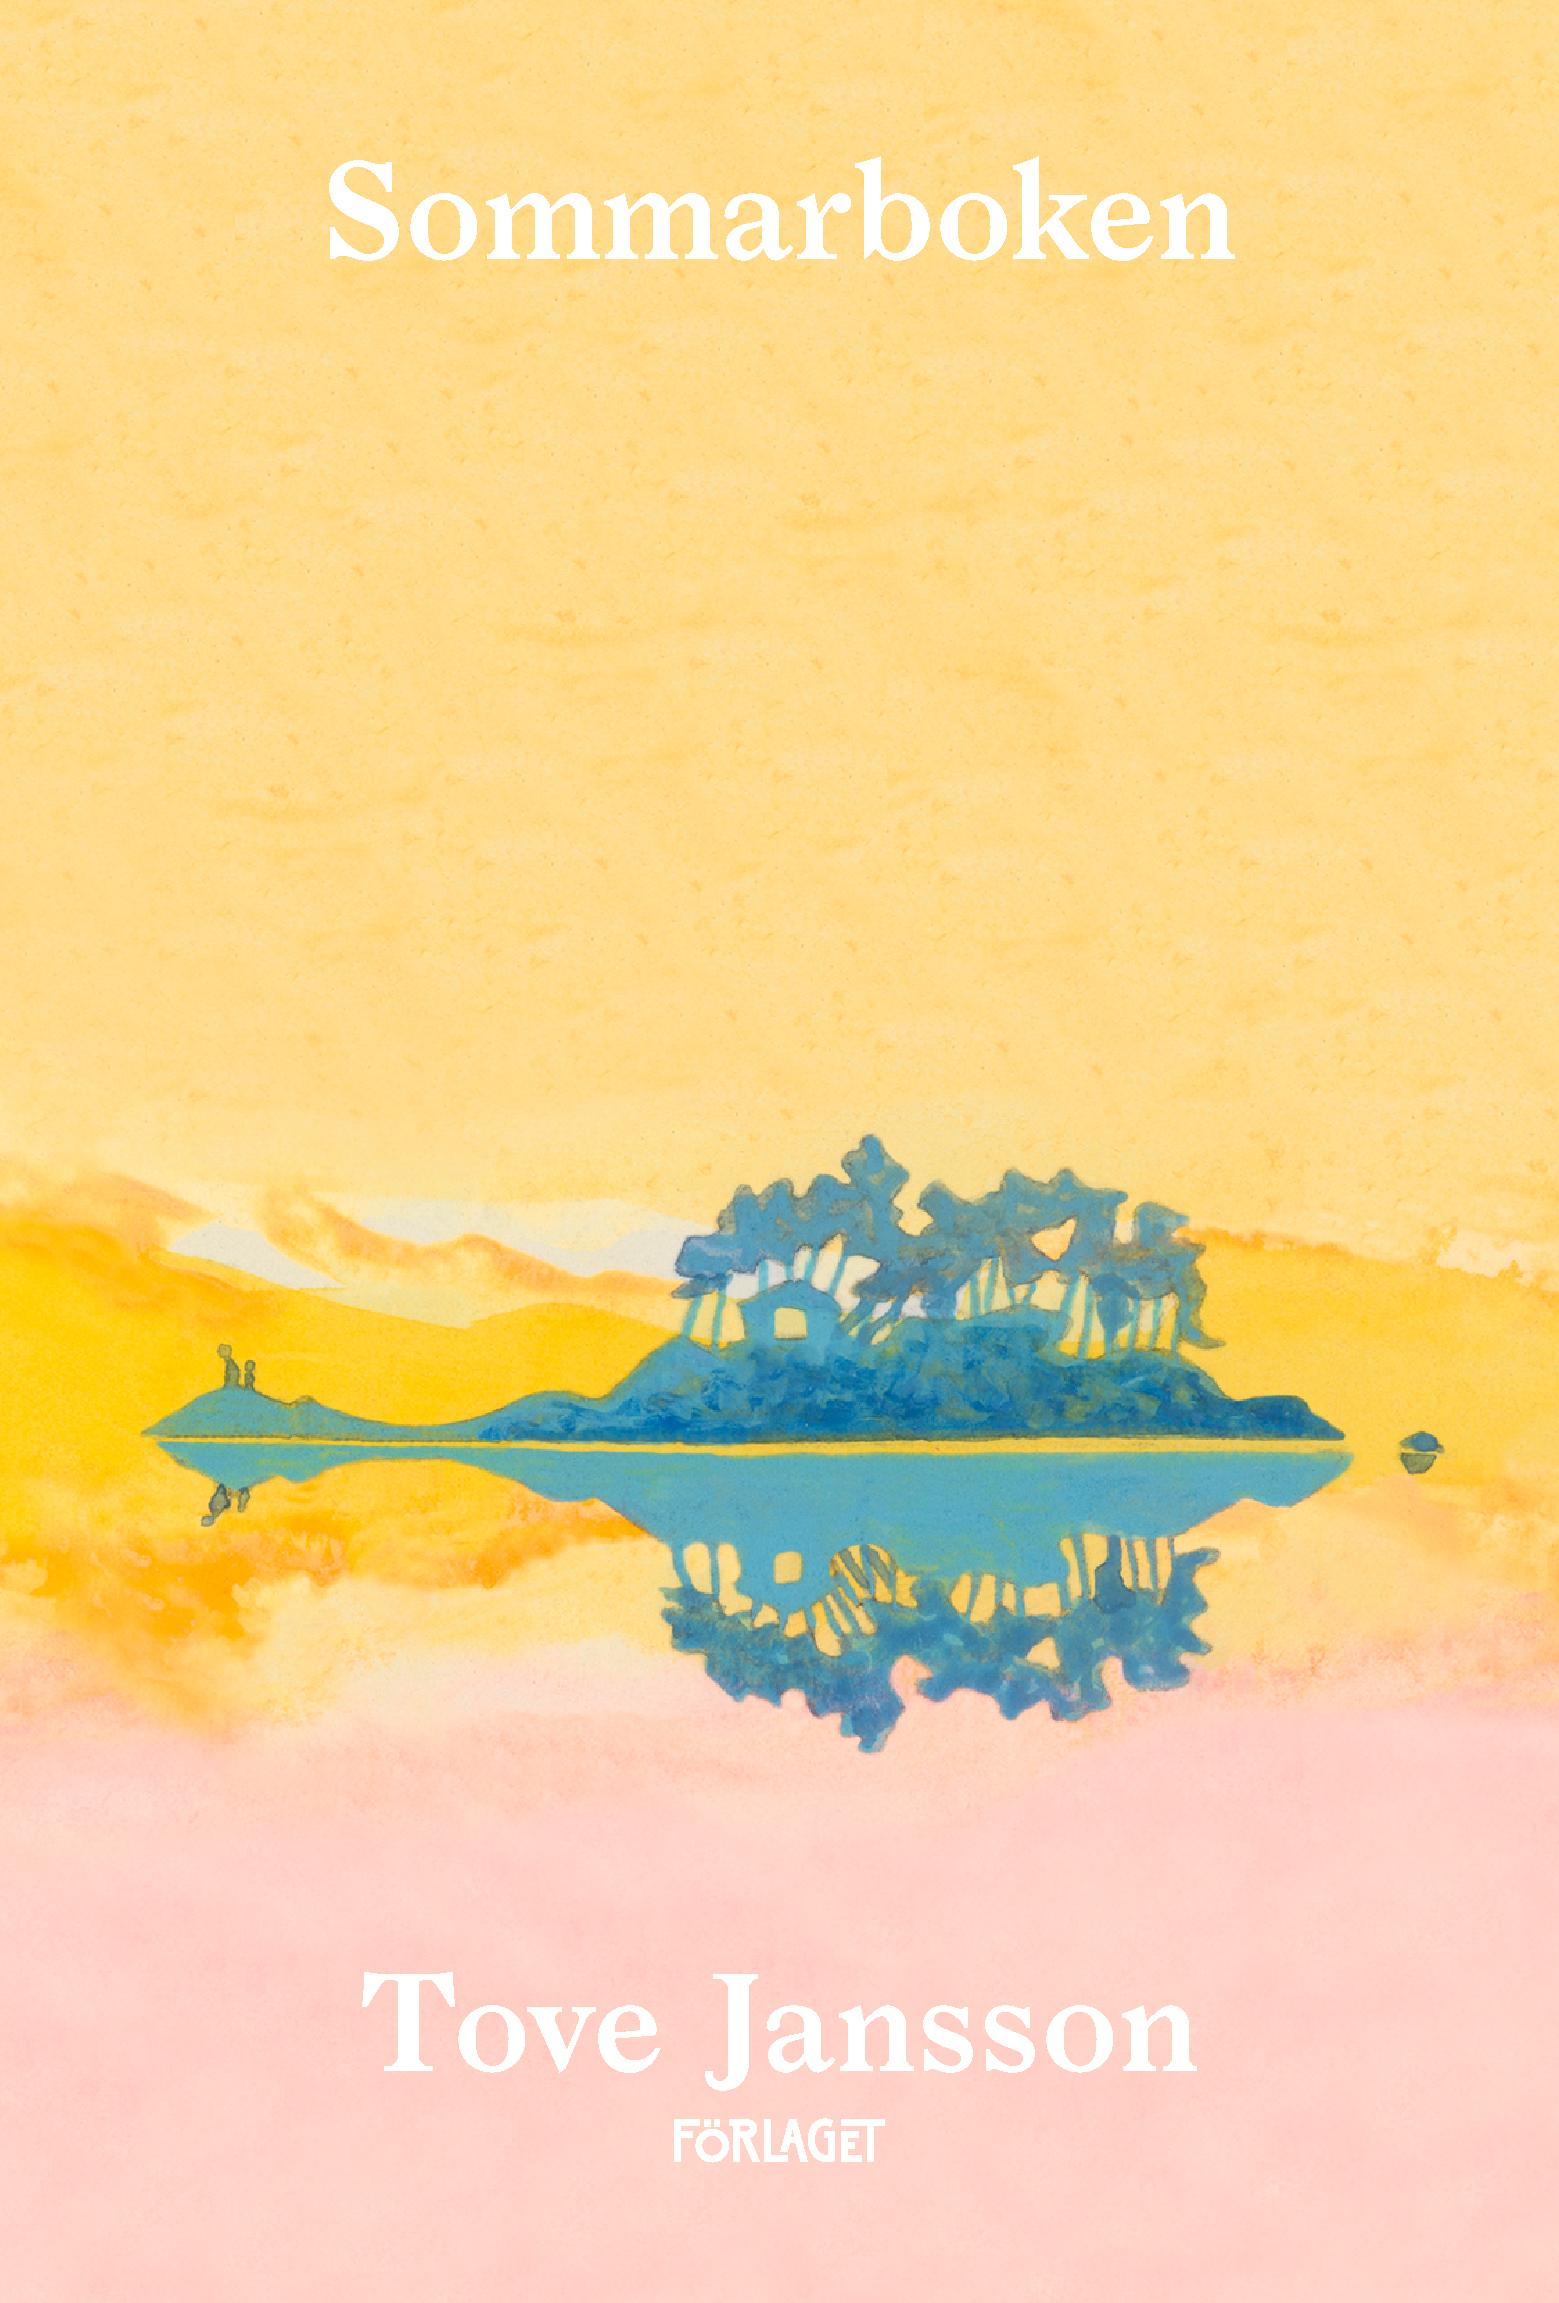 Sommarboken av Tove Jansson (pärm)